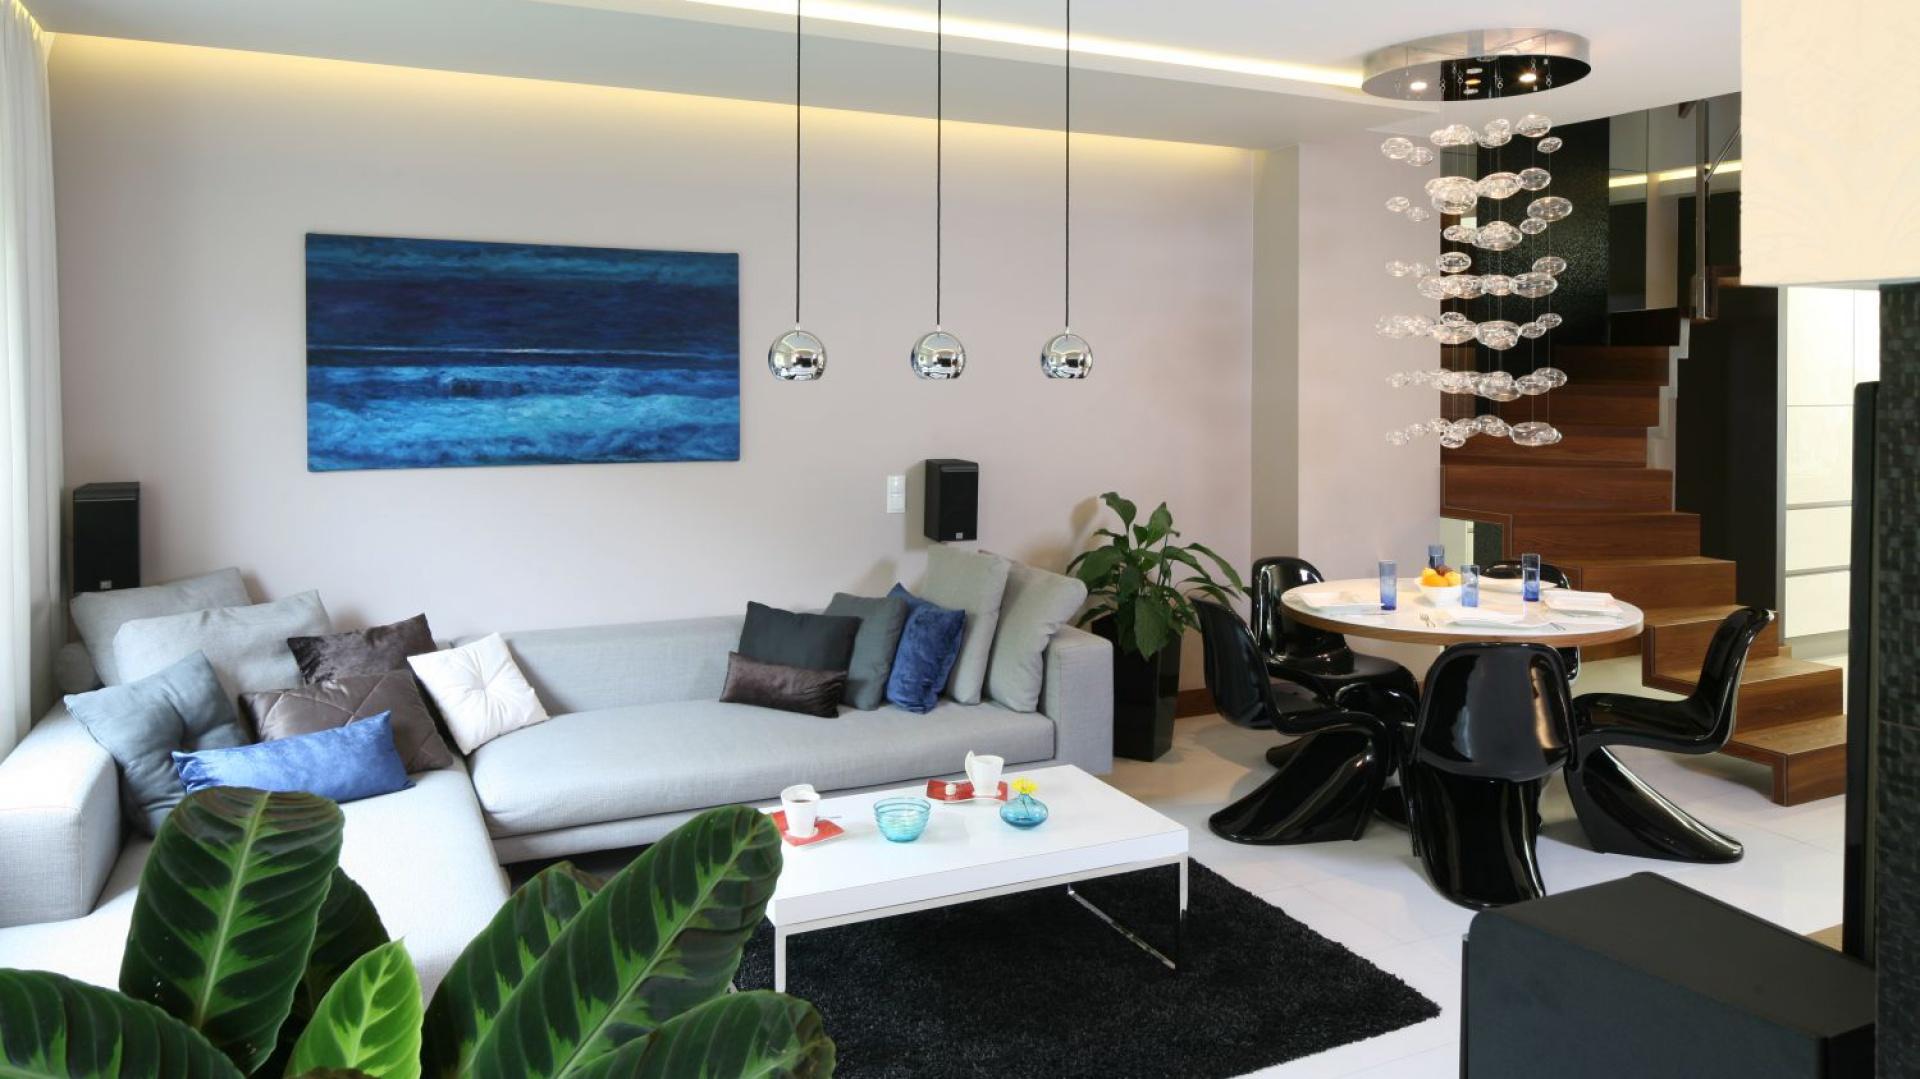 Otwarta przestrzeń na parterze zaprojektowana jest w spójnej kolorystyce bieli, szarości, czerni i brązu. Turkusowe dodatki, kojarzące się z błękitem oceanu i wspaniałym australijskim niebem, doskonale ją ożywiają. Projekt: Chantal Springer. Fot. Bartosz Jarosz.